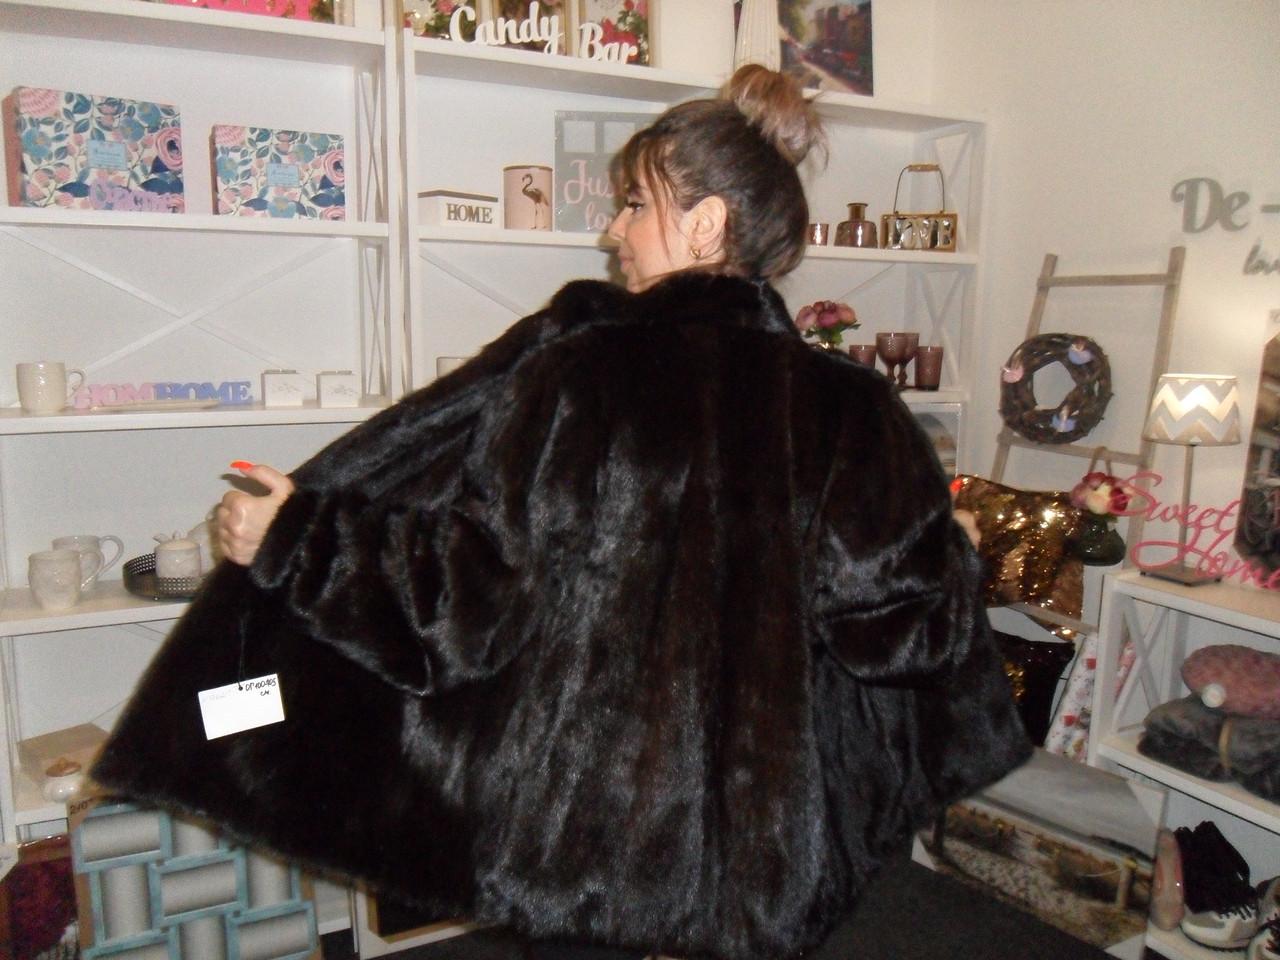 Норковый полушубок Saga Mink красивая шуба из натуральной канадской норки норковая шуба 48 50 размер в кредит